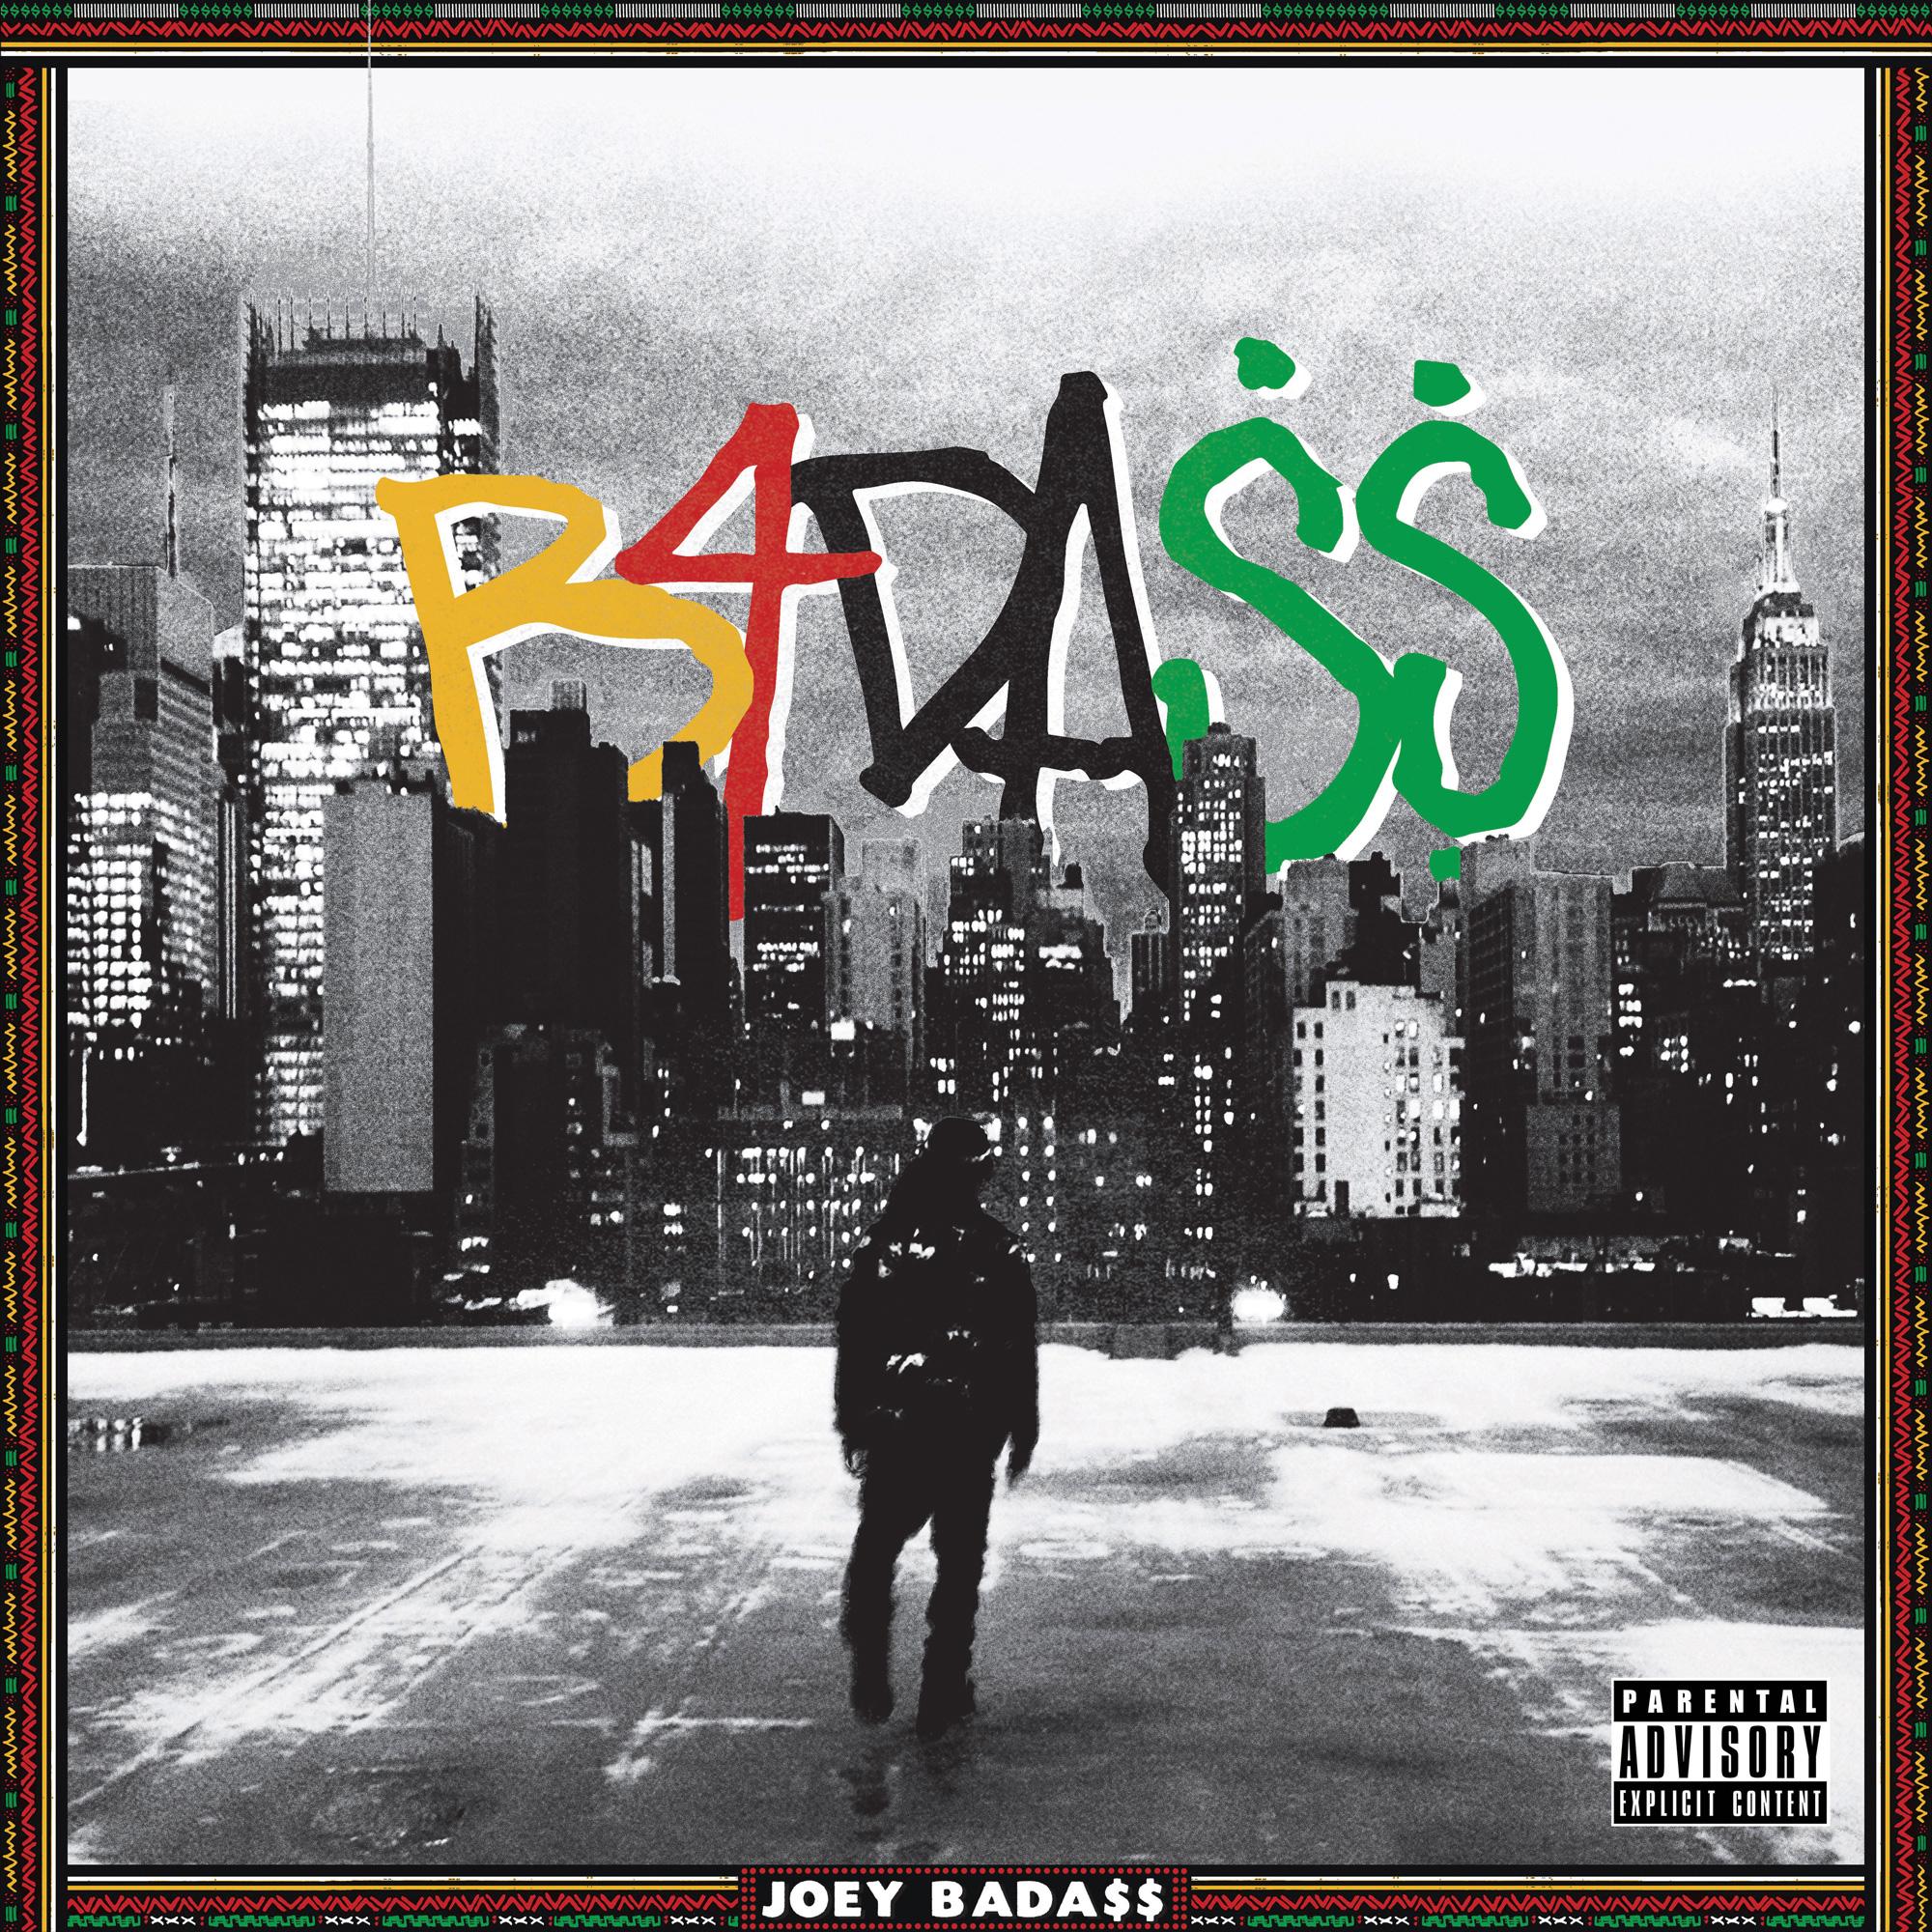 Joey Badass – B4Da$$